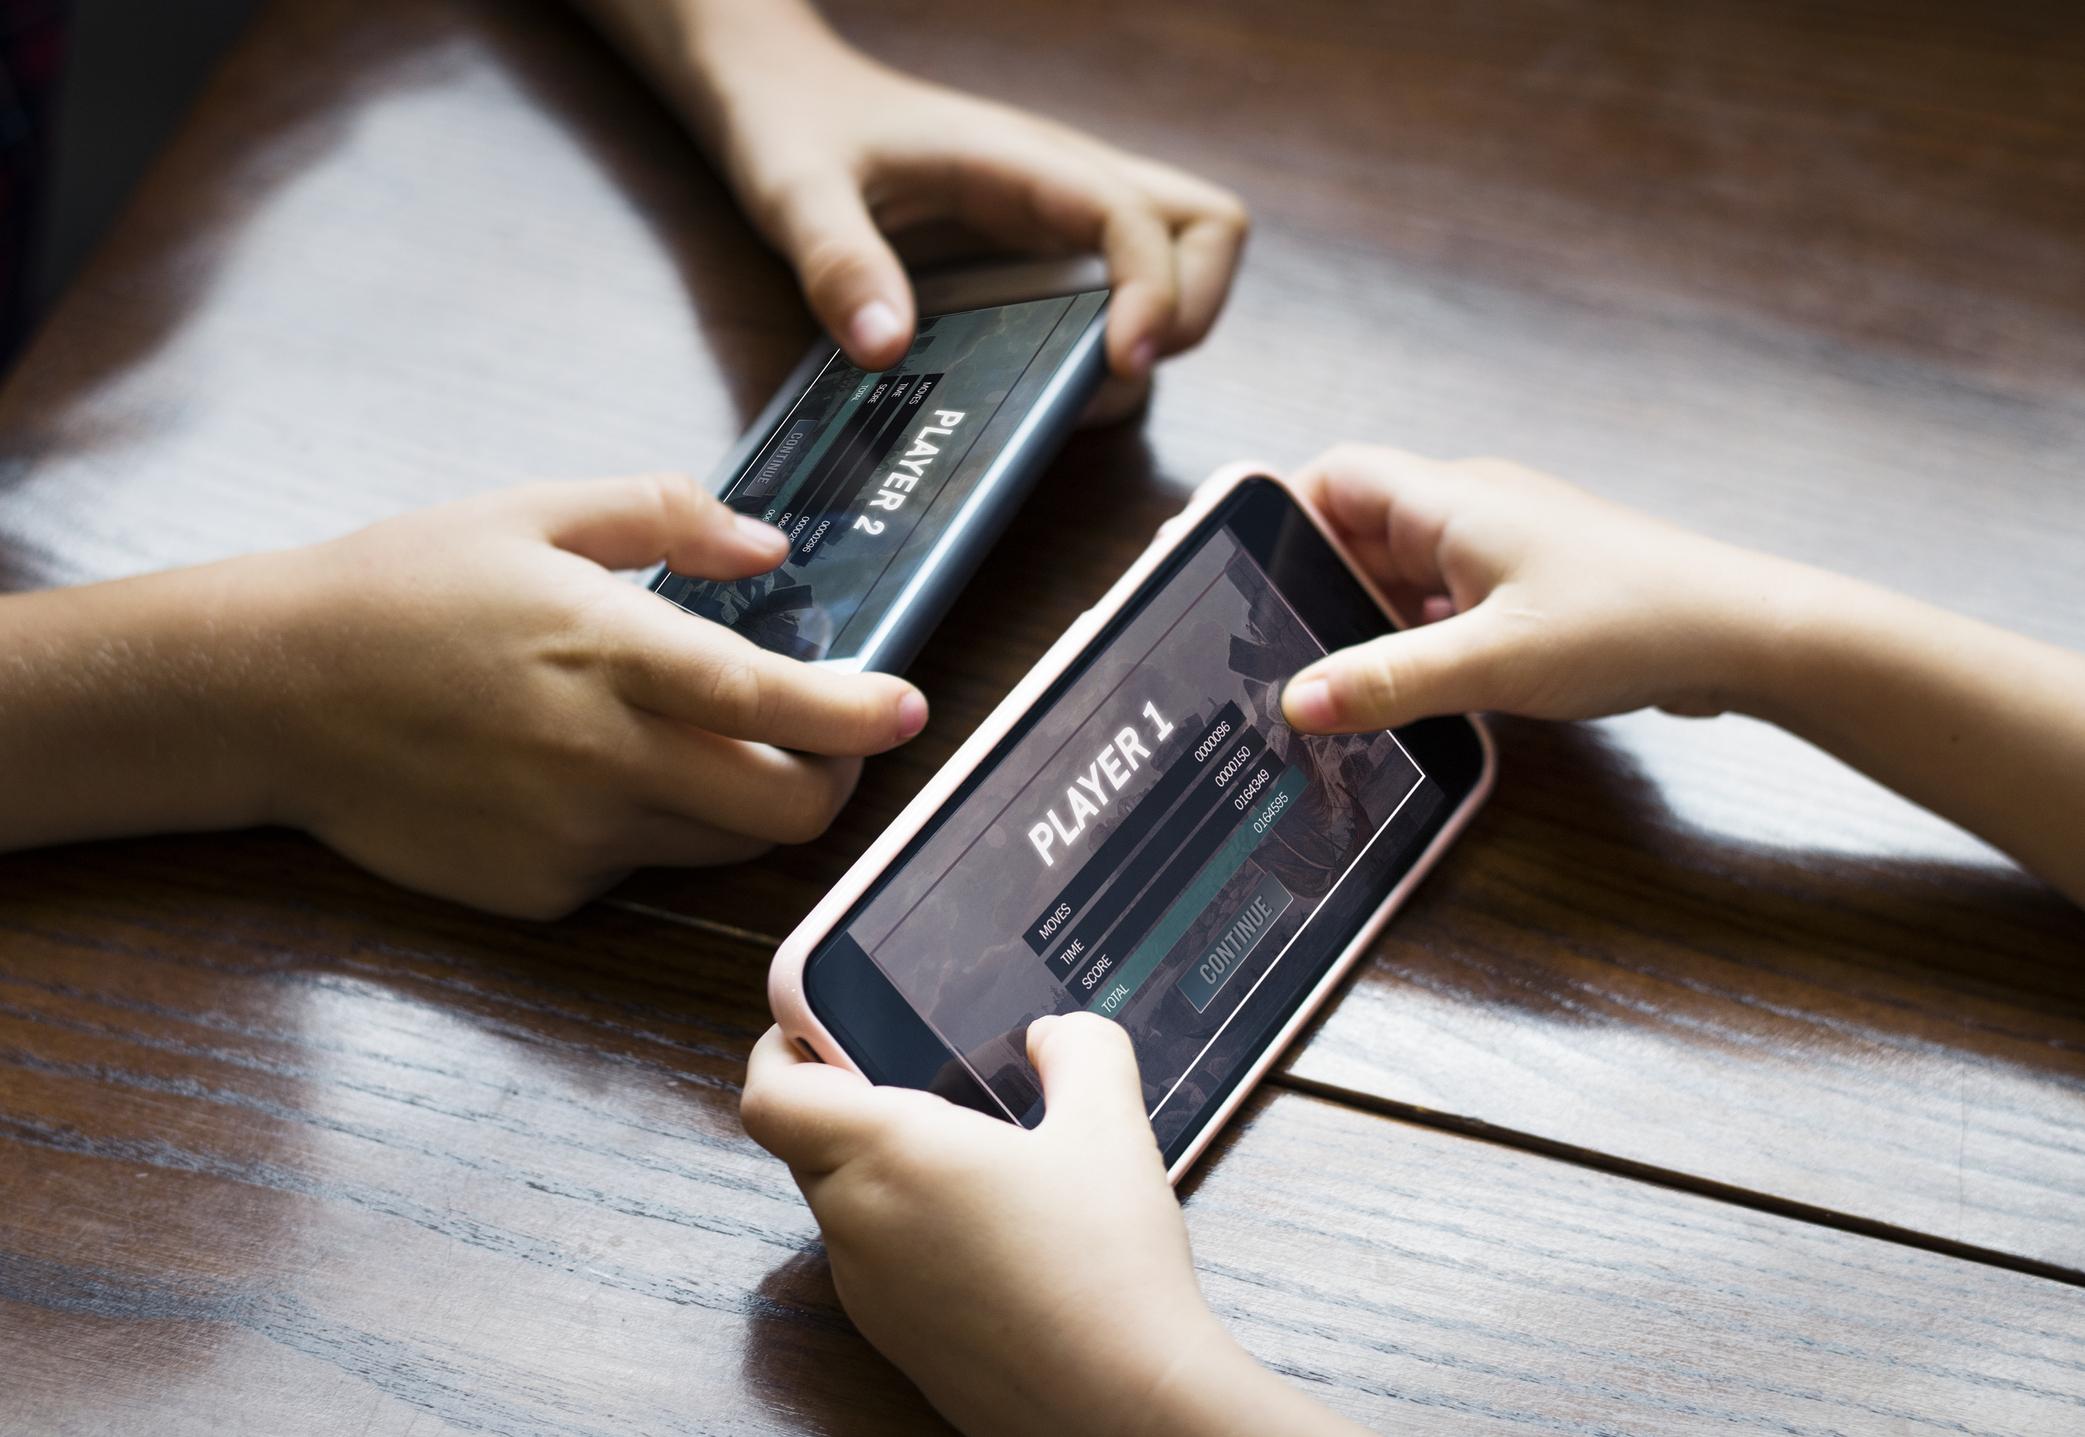 Deux personnes tenant des smartphones et jouant à un jeu.